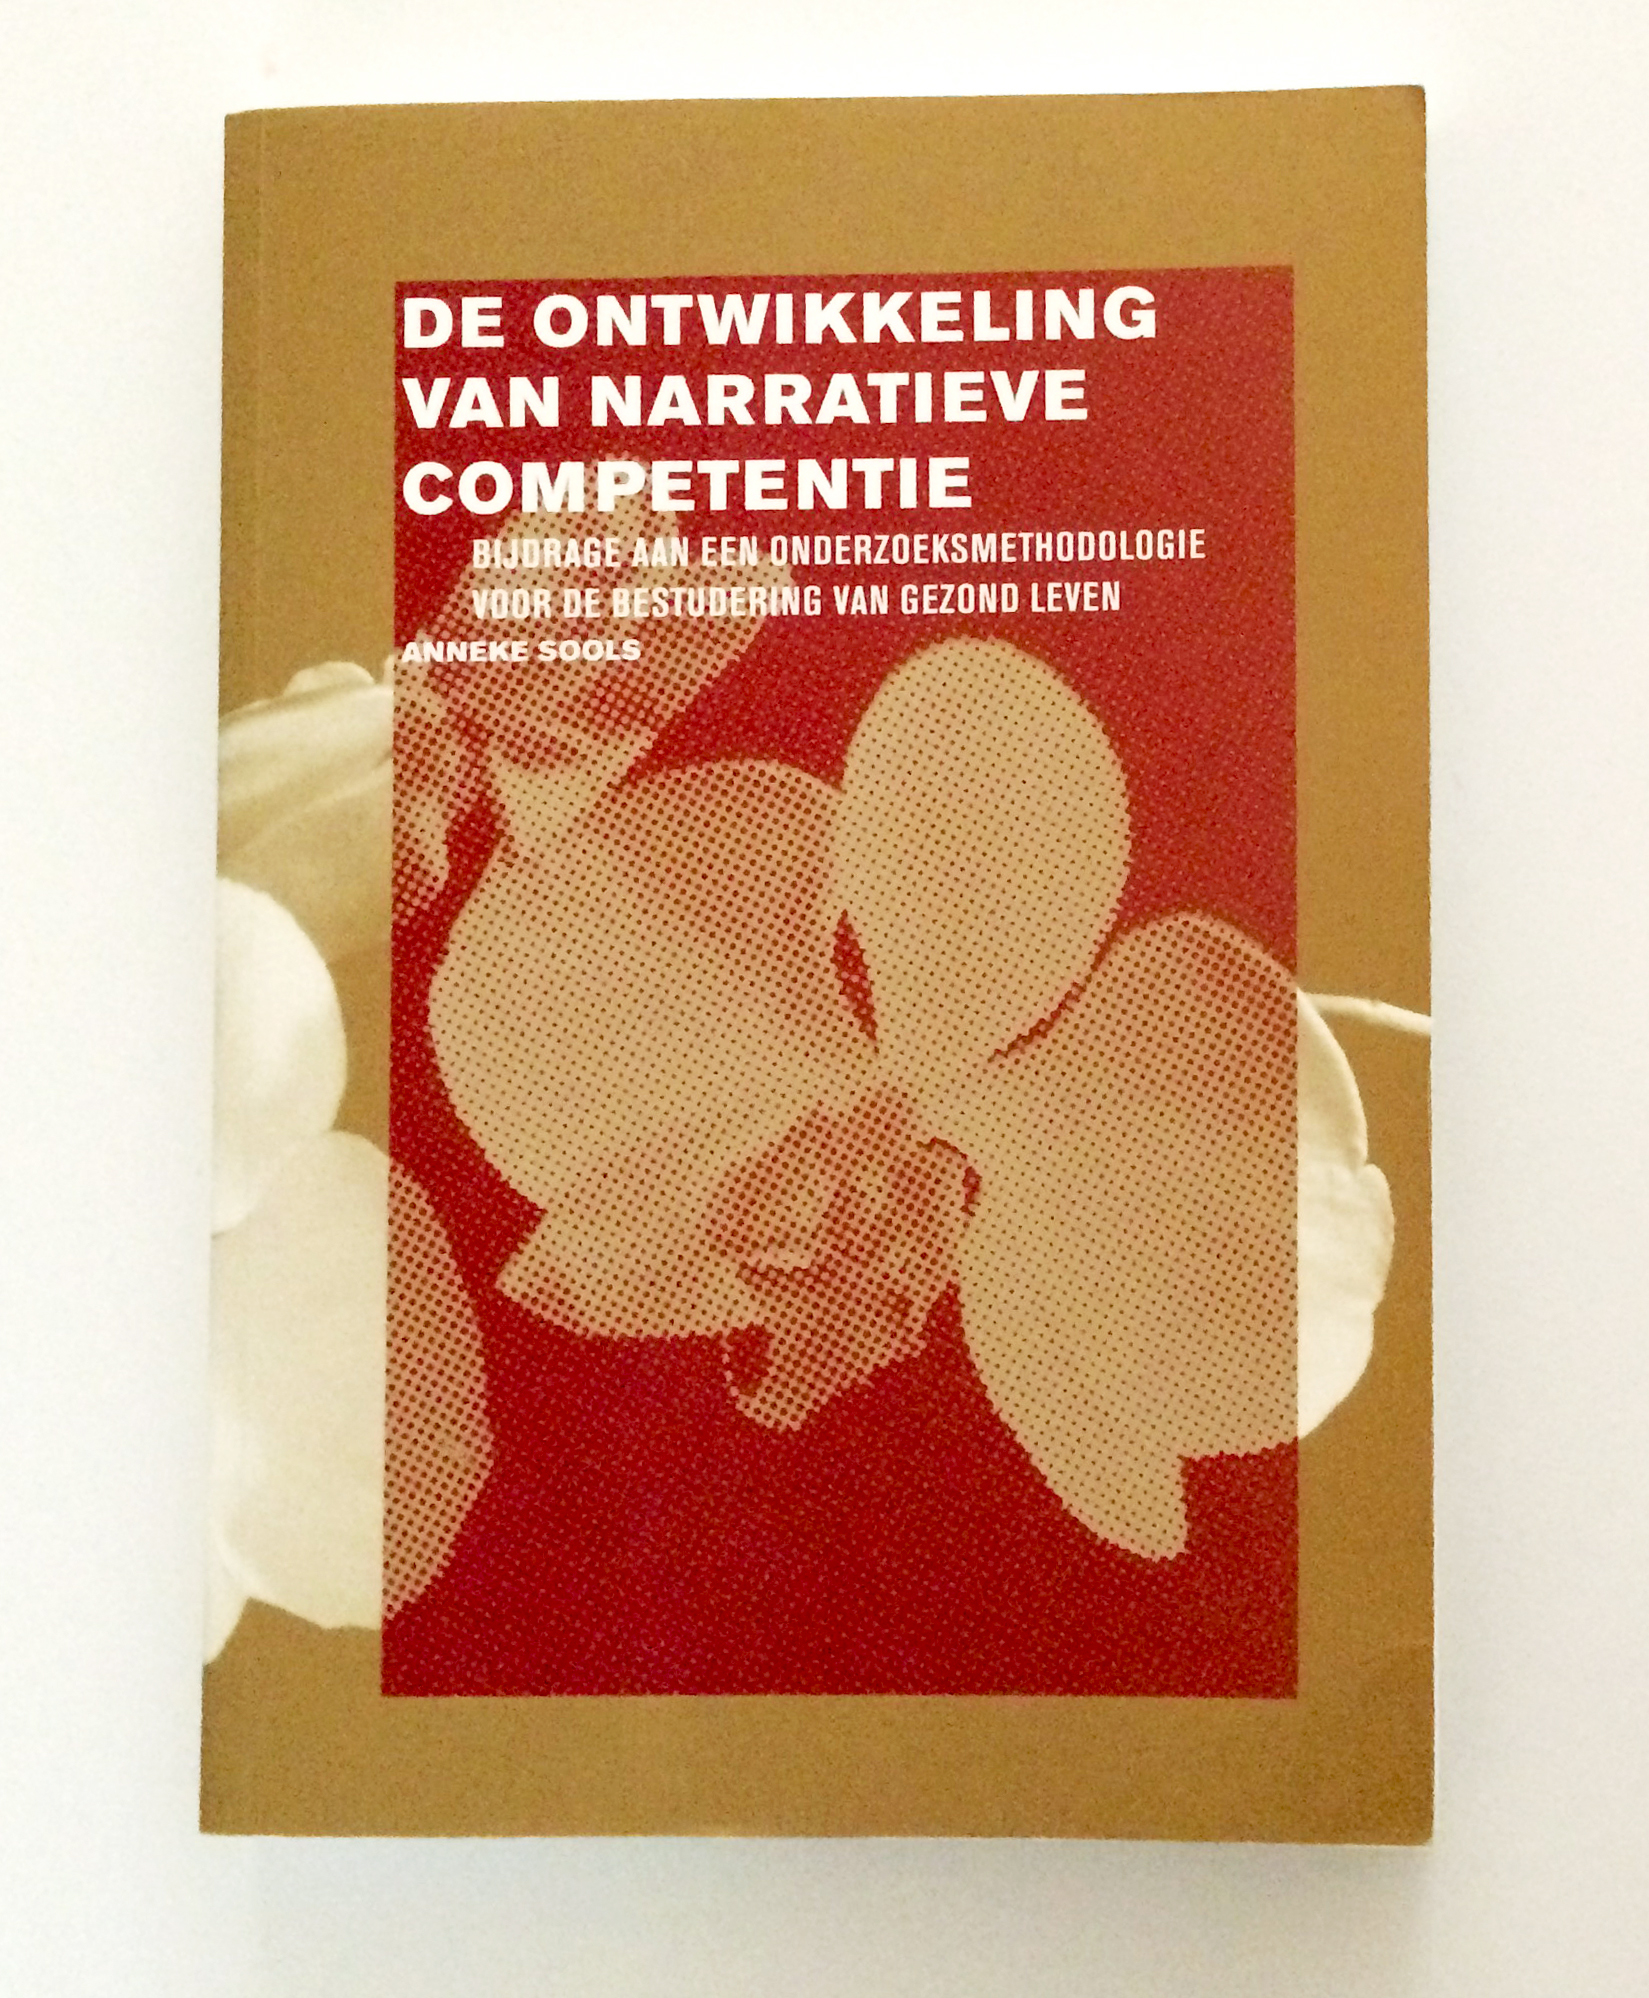 De Ontwikkeling van Narratieve Competentie – Anneke Sools, Boekontwerp